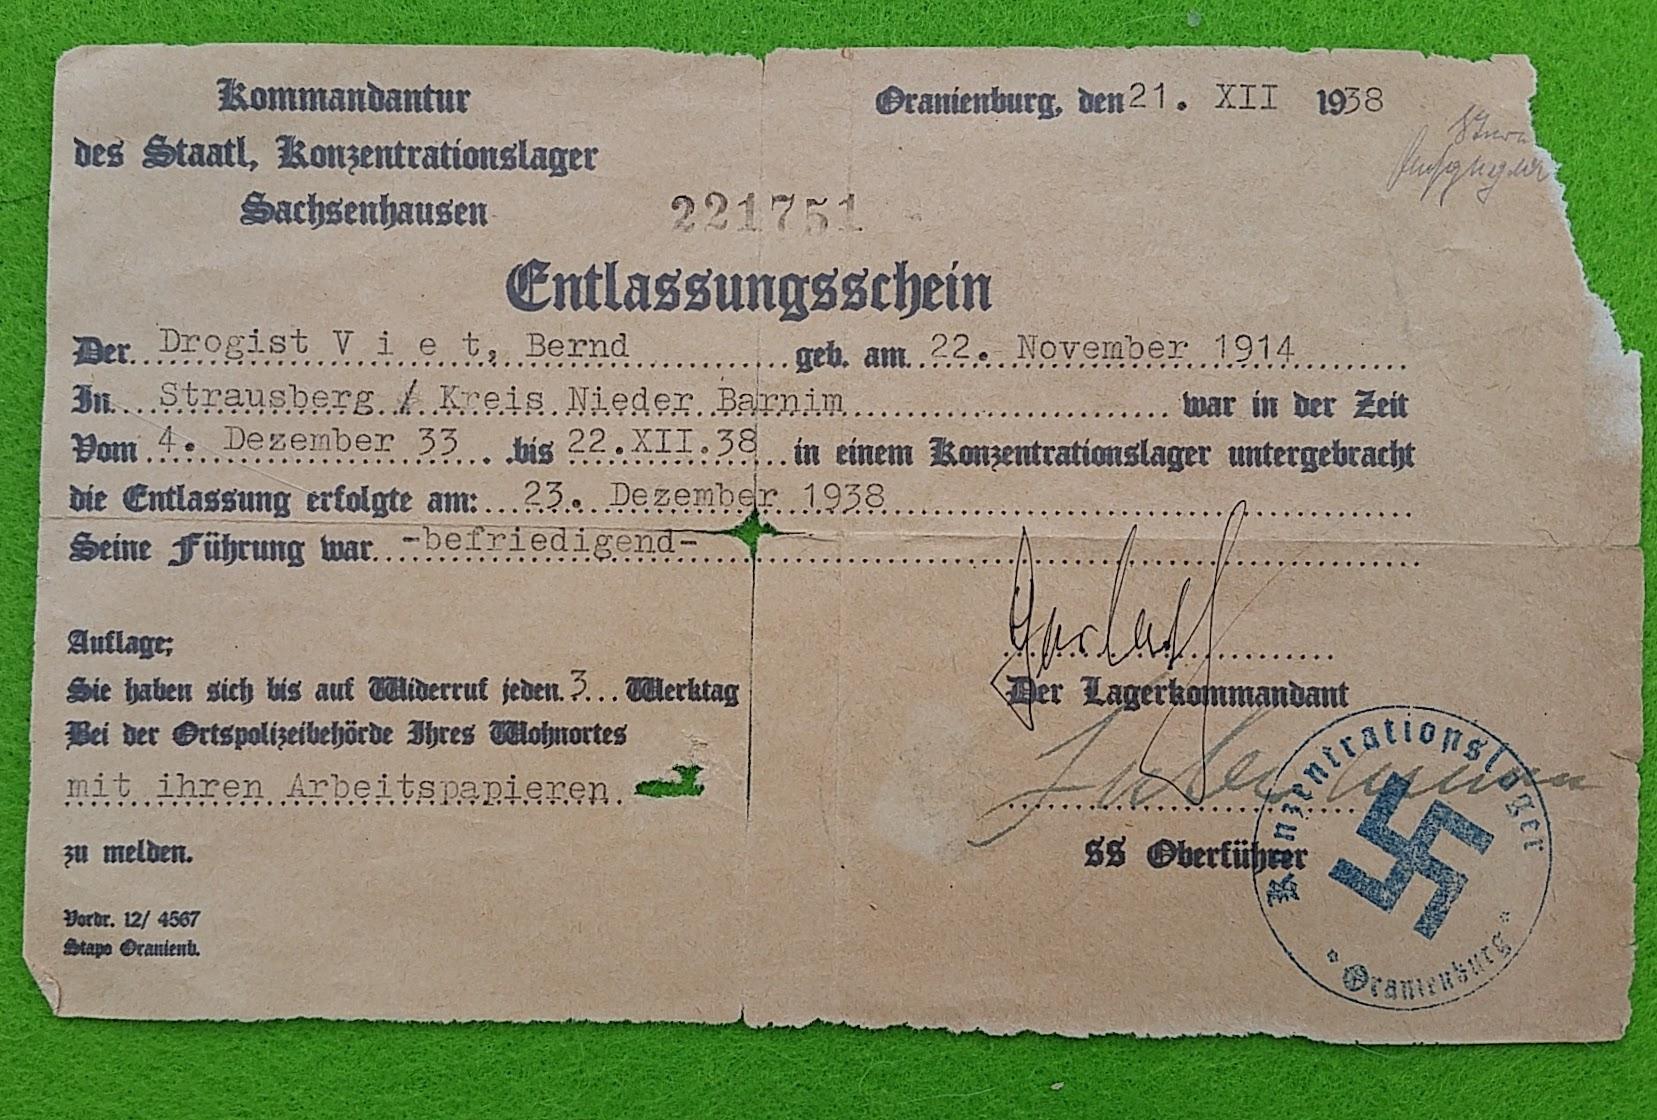 Fünf Jahre gestohlene Jugend - KZ-Entlassungsschein 1938